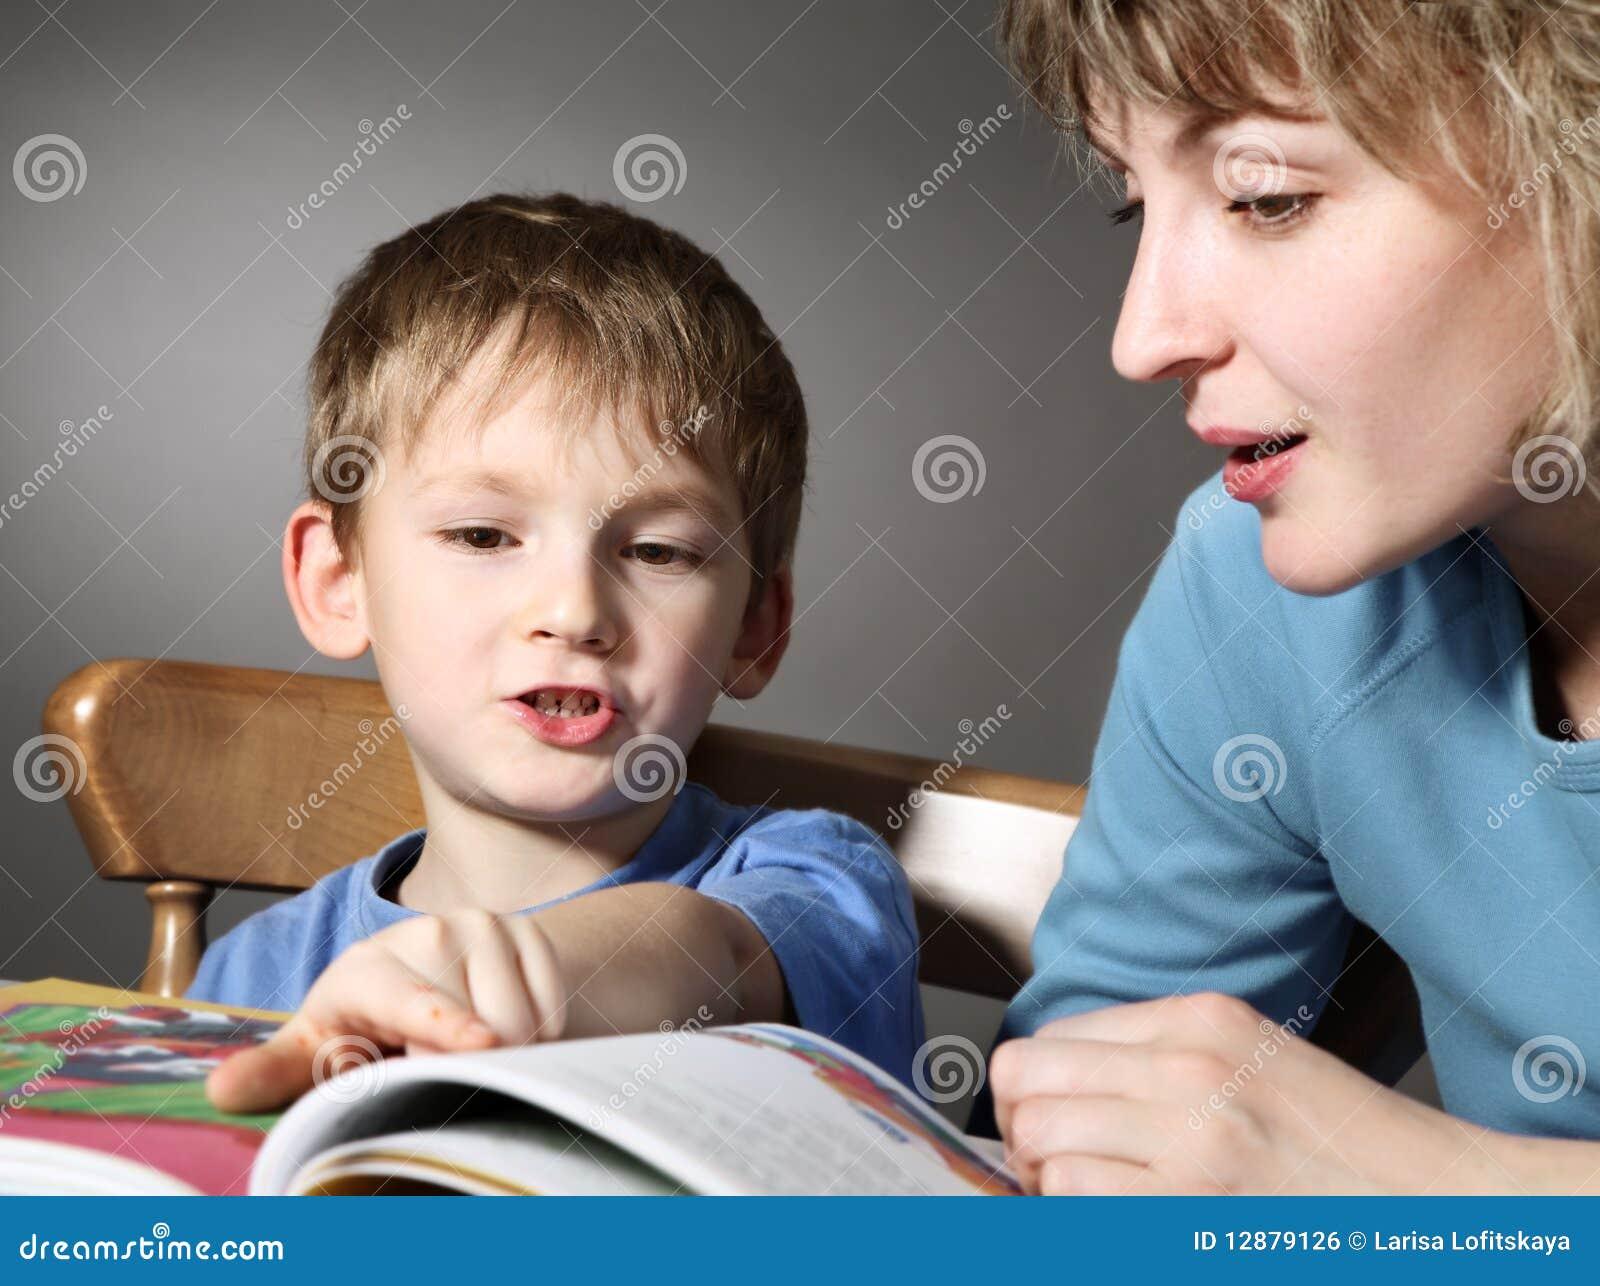 La madre ense a al hijo a leer imagen de archivo libre de - Leer la mano hijos ...